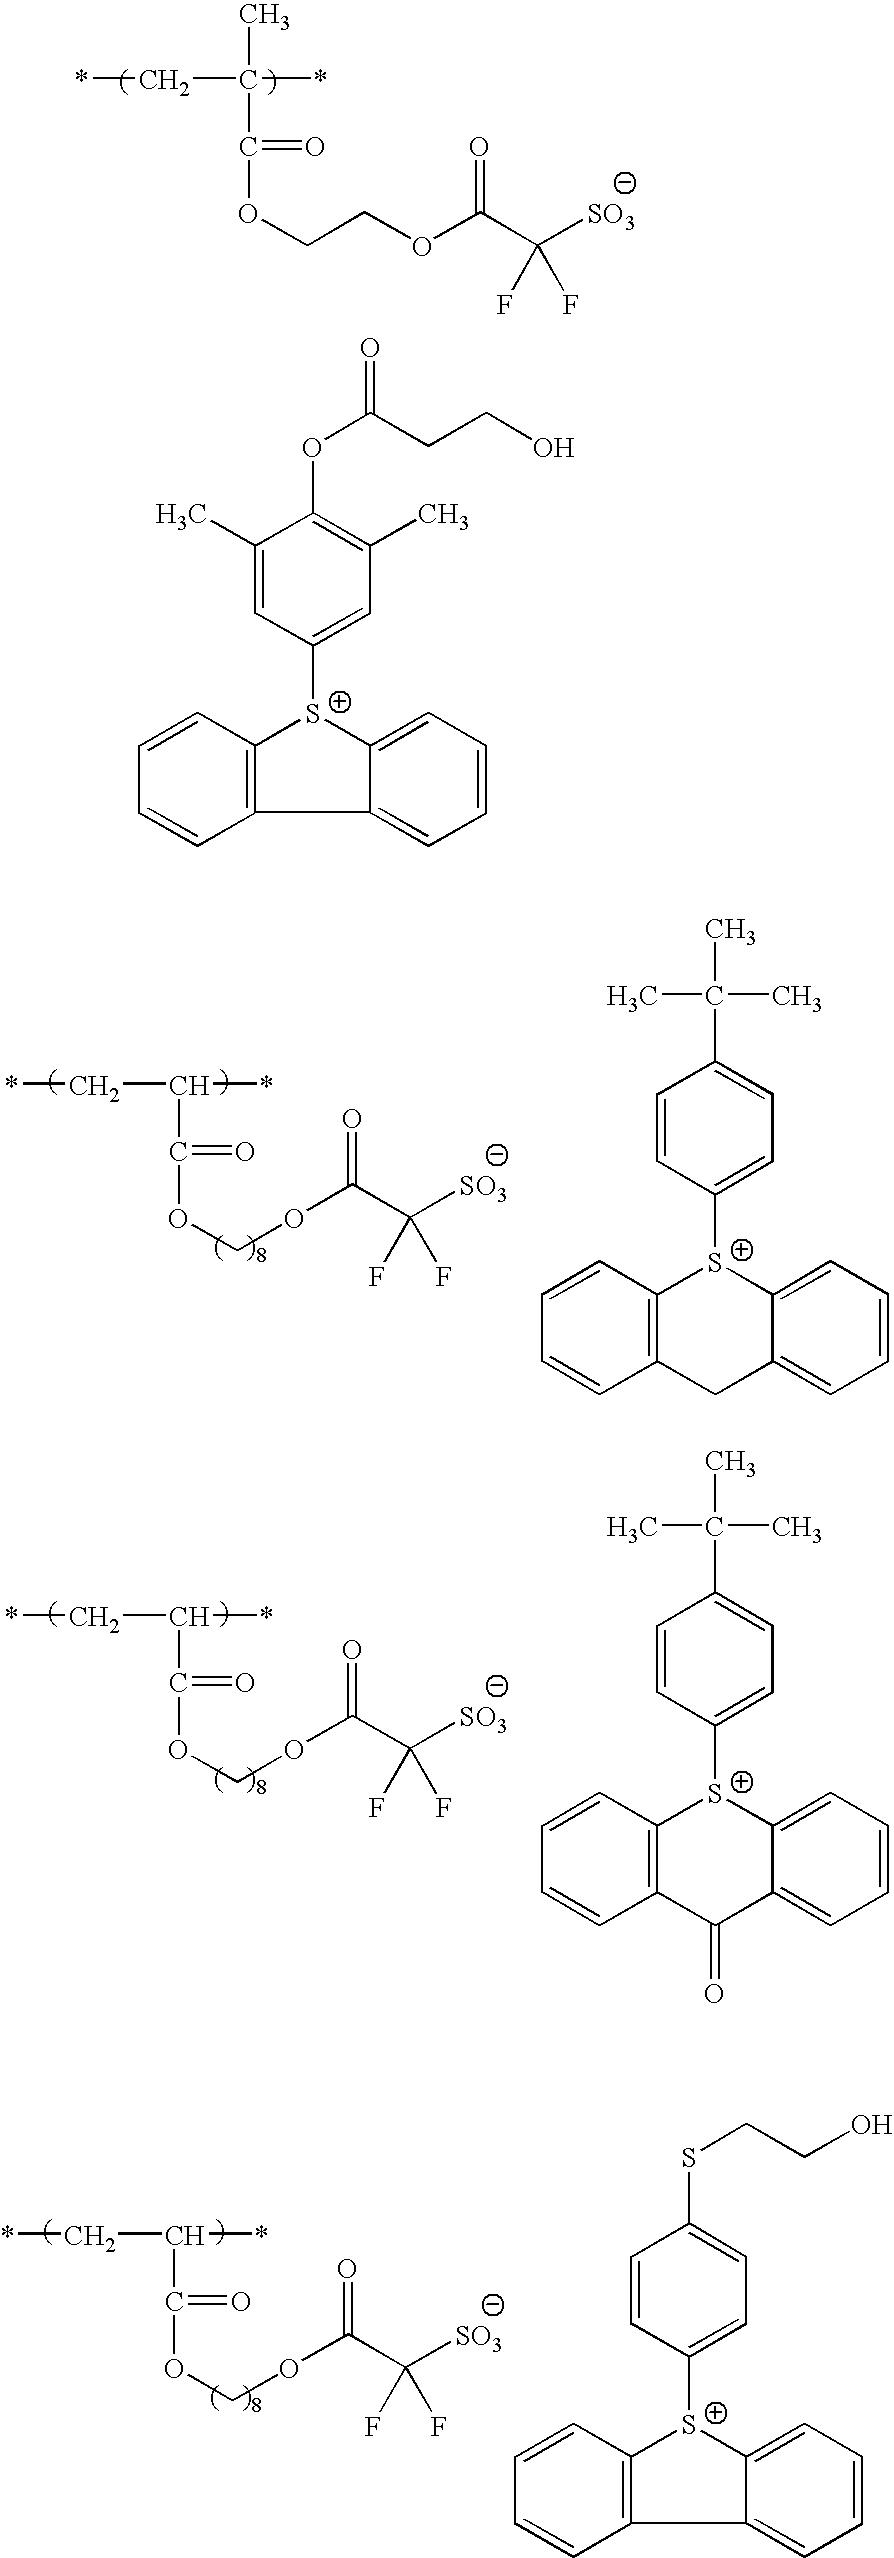 Figure US20100183975A1-20100722-C00067